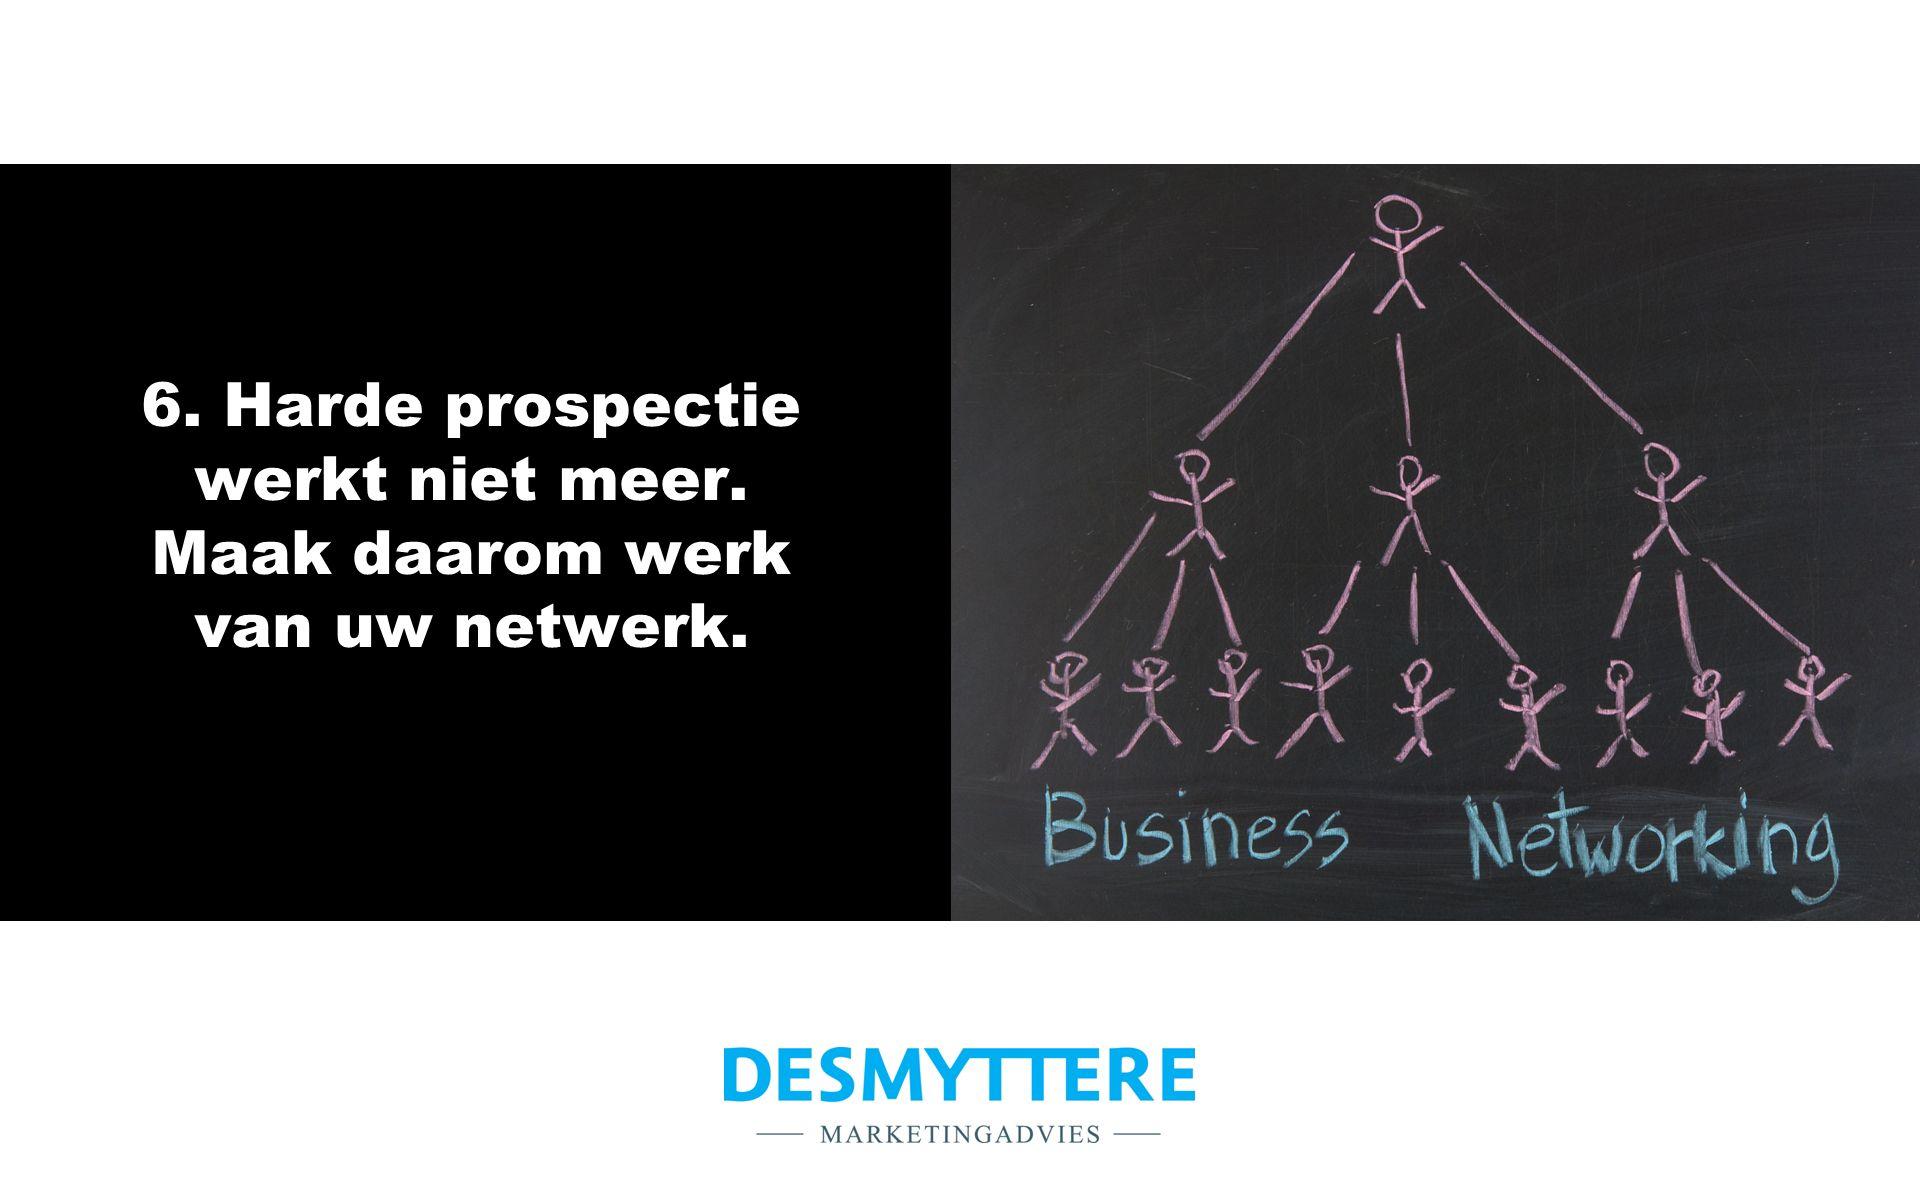 6. Harde prospectie werkt niet meer. Maak daarom werk van uw netwerk.